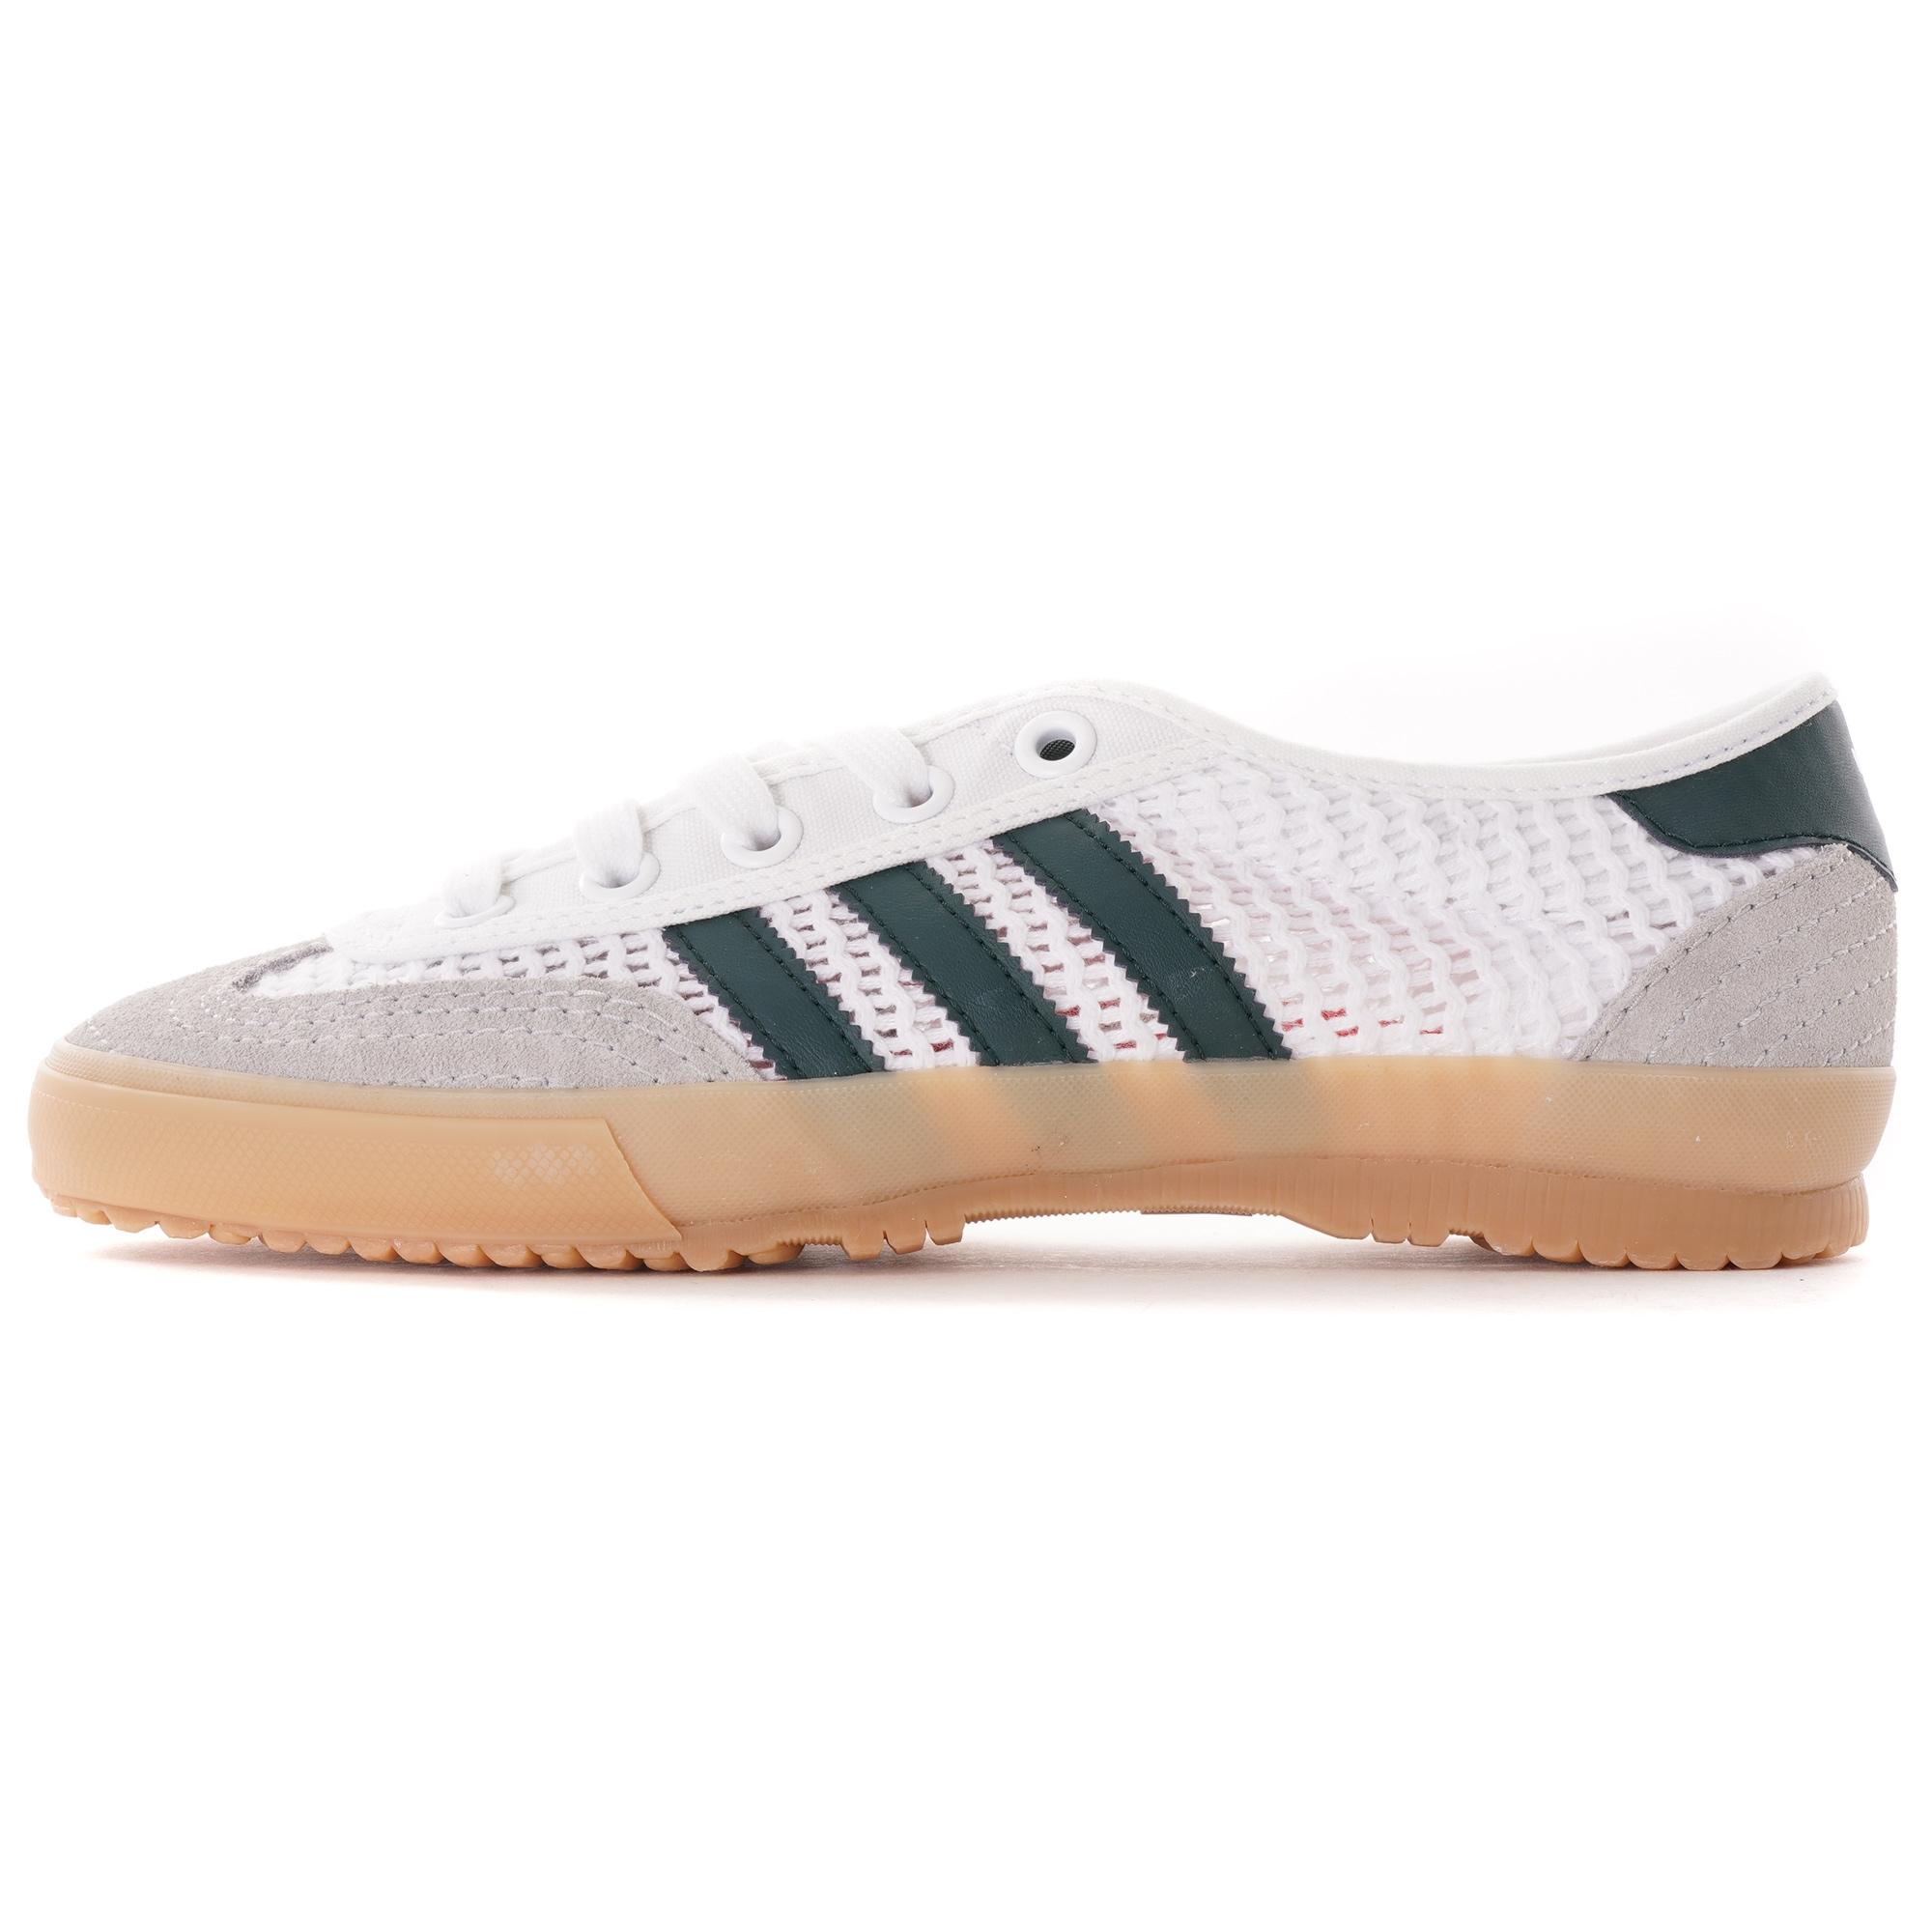 Adidas Originals Tischtennis - White/Green